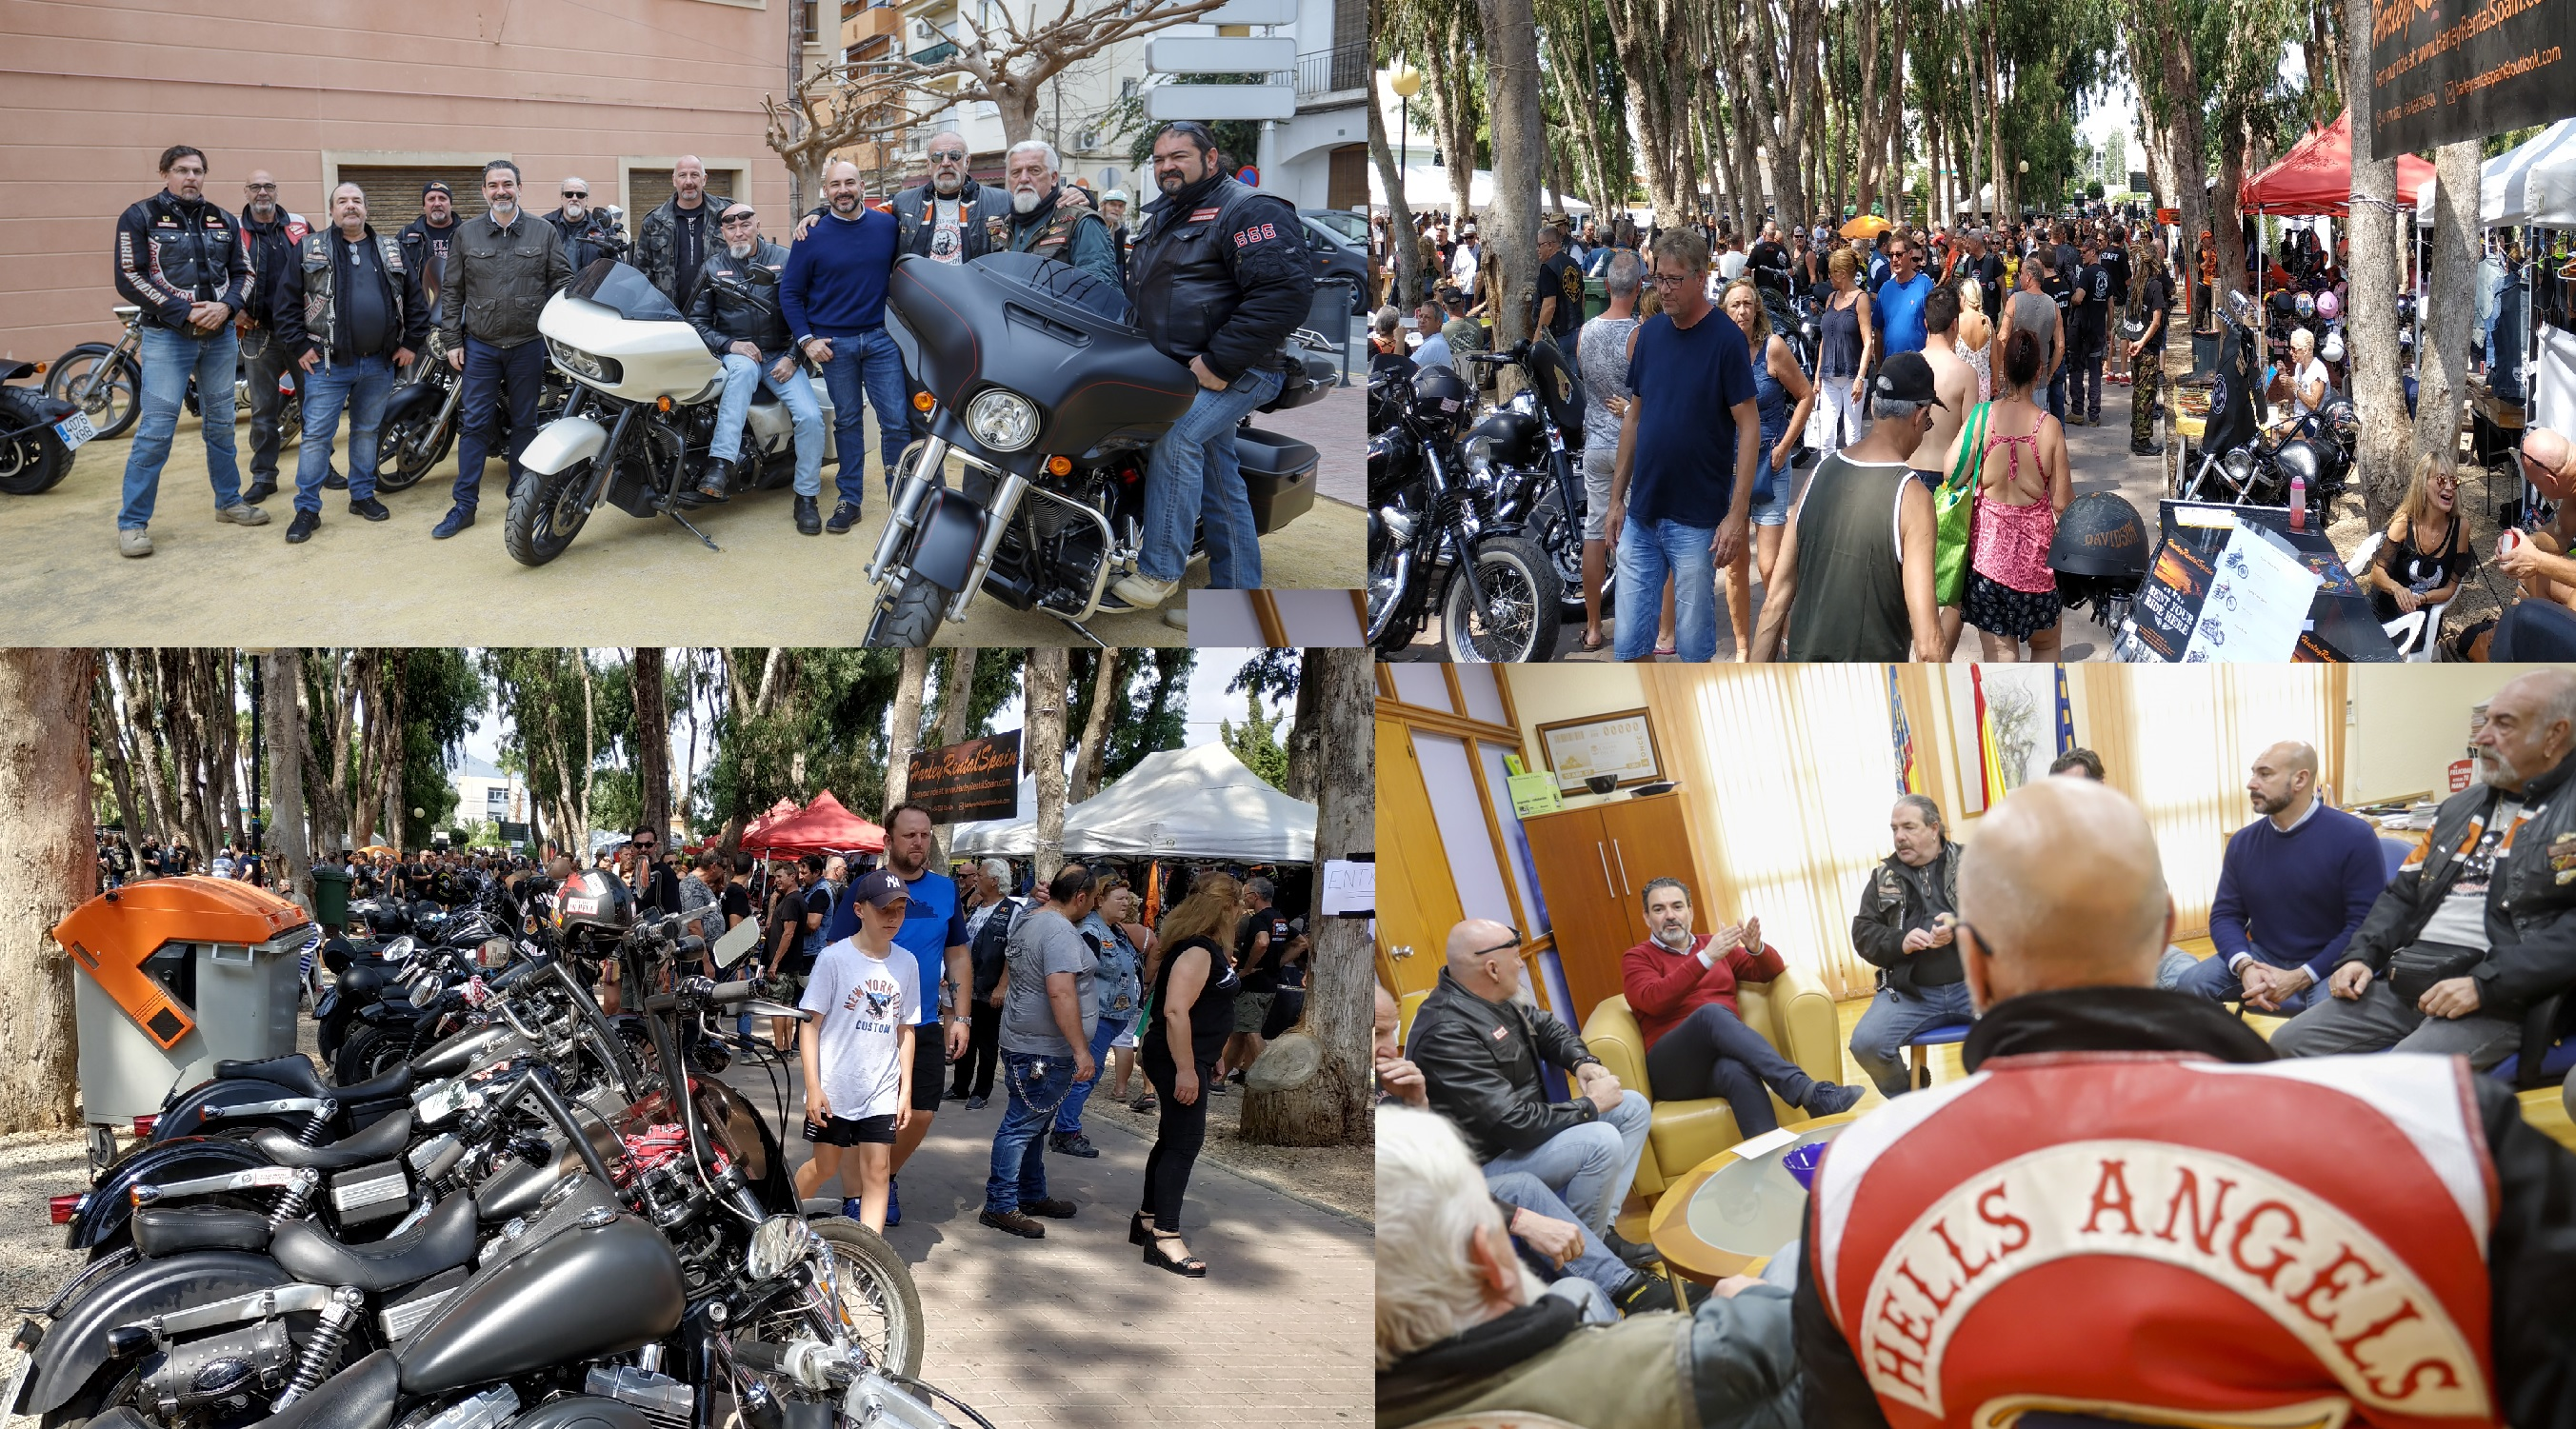 El Ayuntamiento recibe 1000 €uros de la asociación Costa Blanca Bike Show para fines sociales